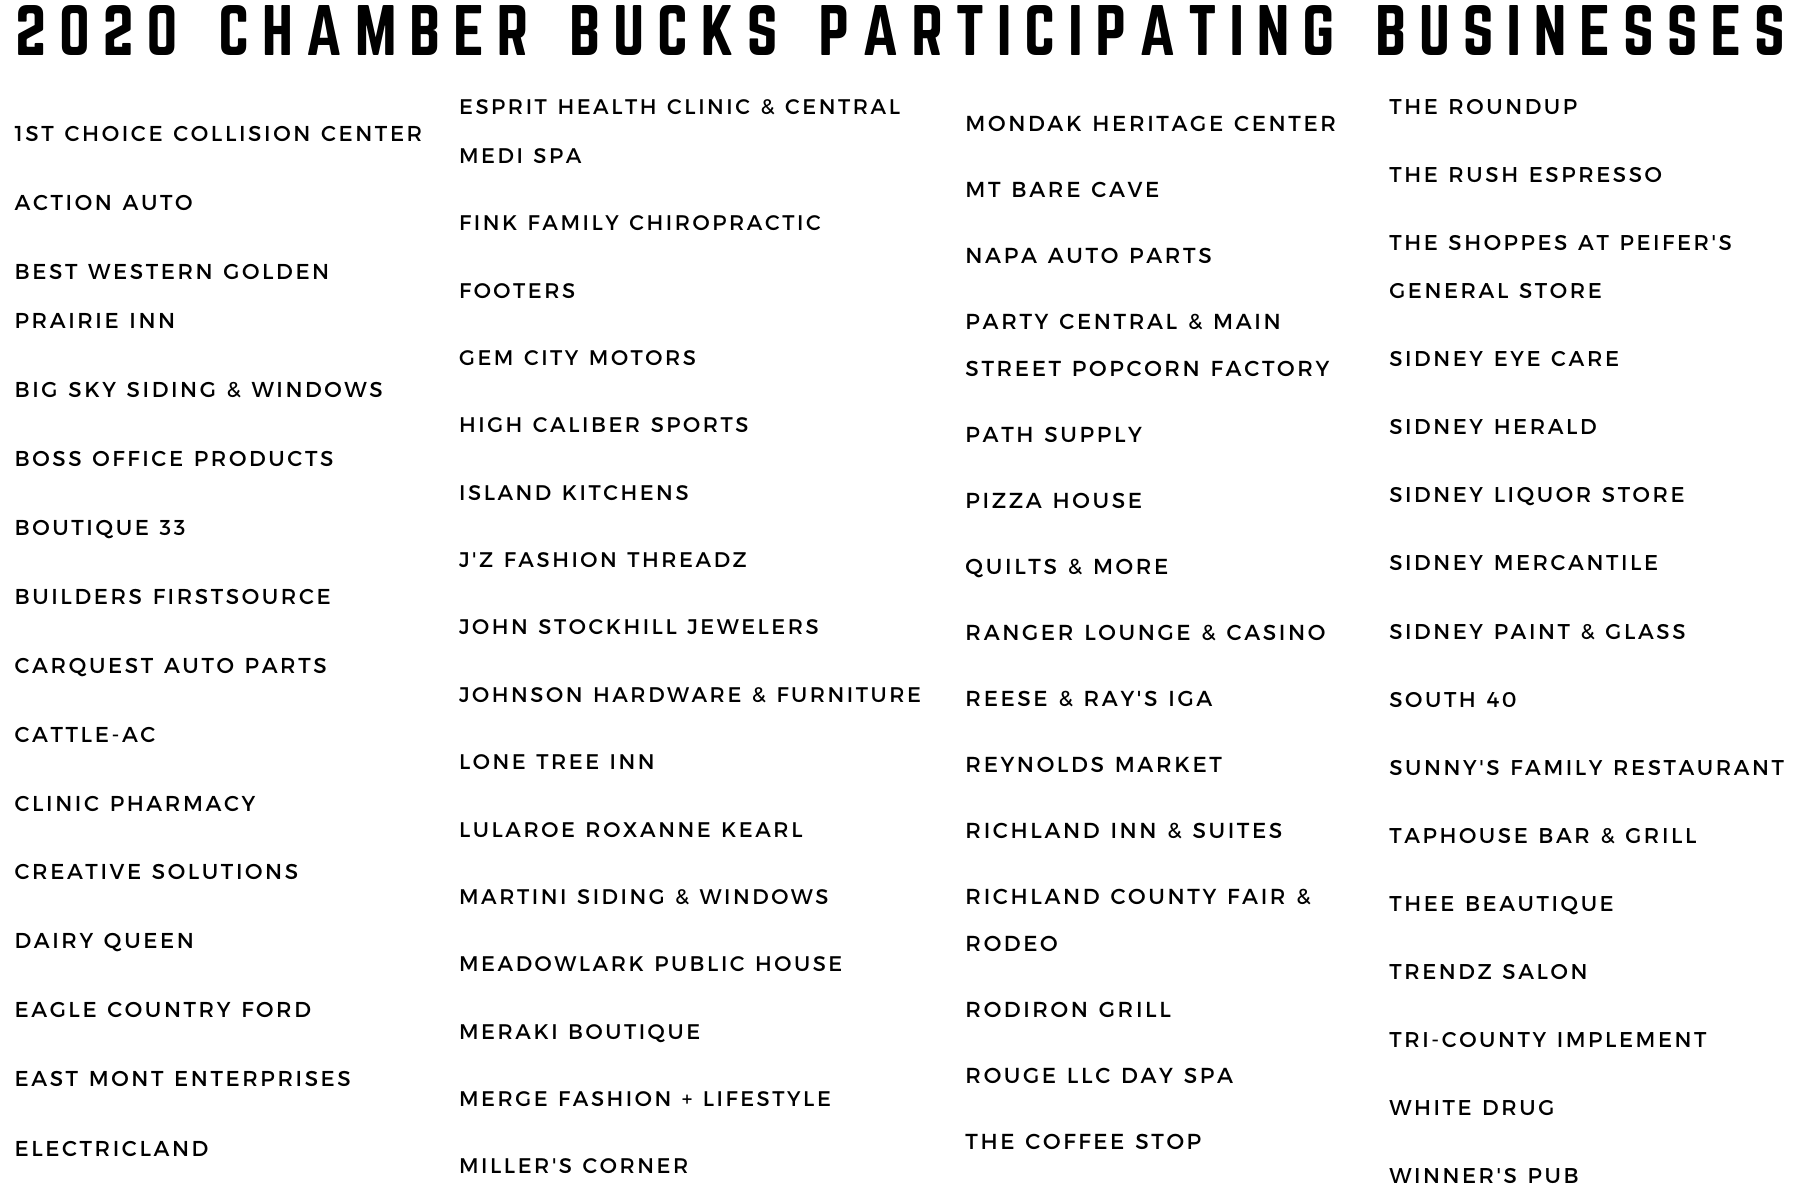 2021 Chamber Bucks List Jan